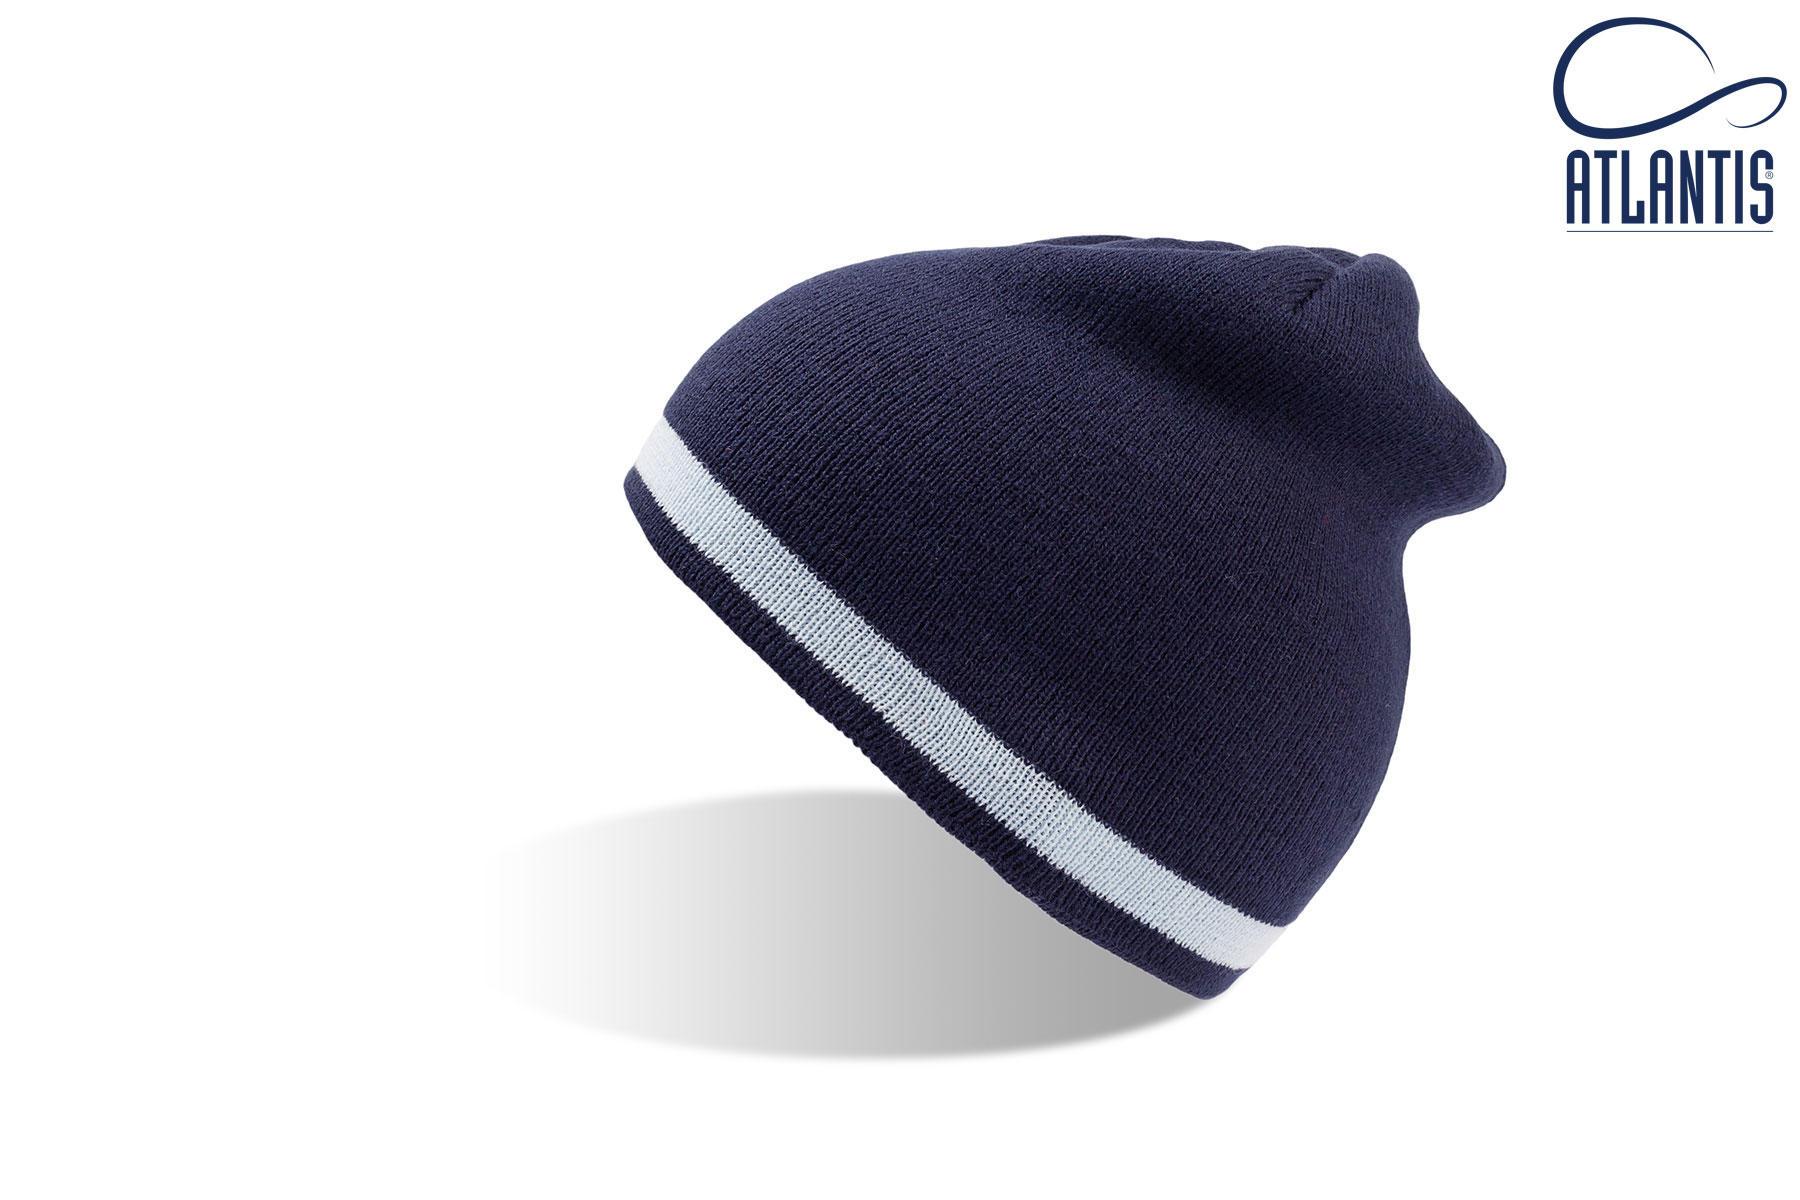 zimska kapa moover modro bela